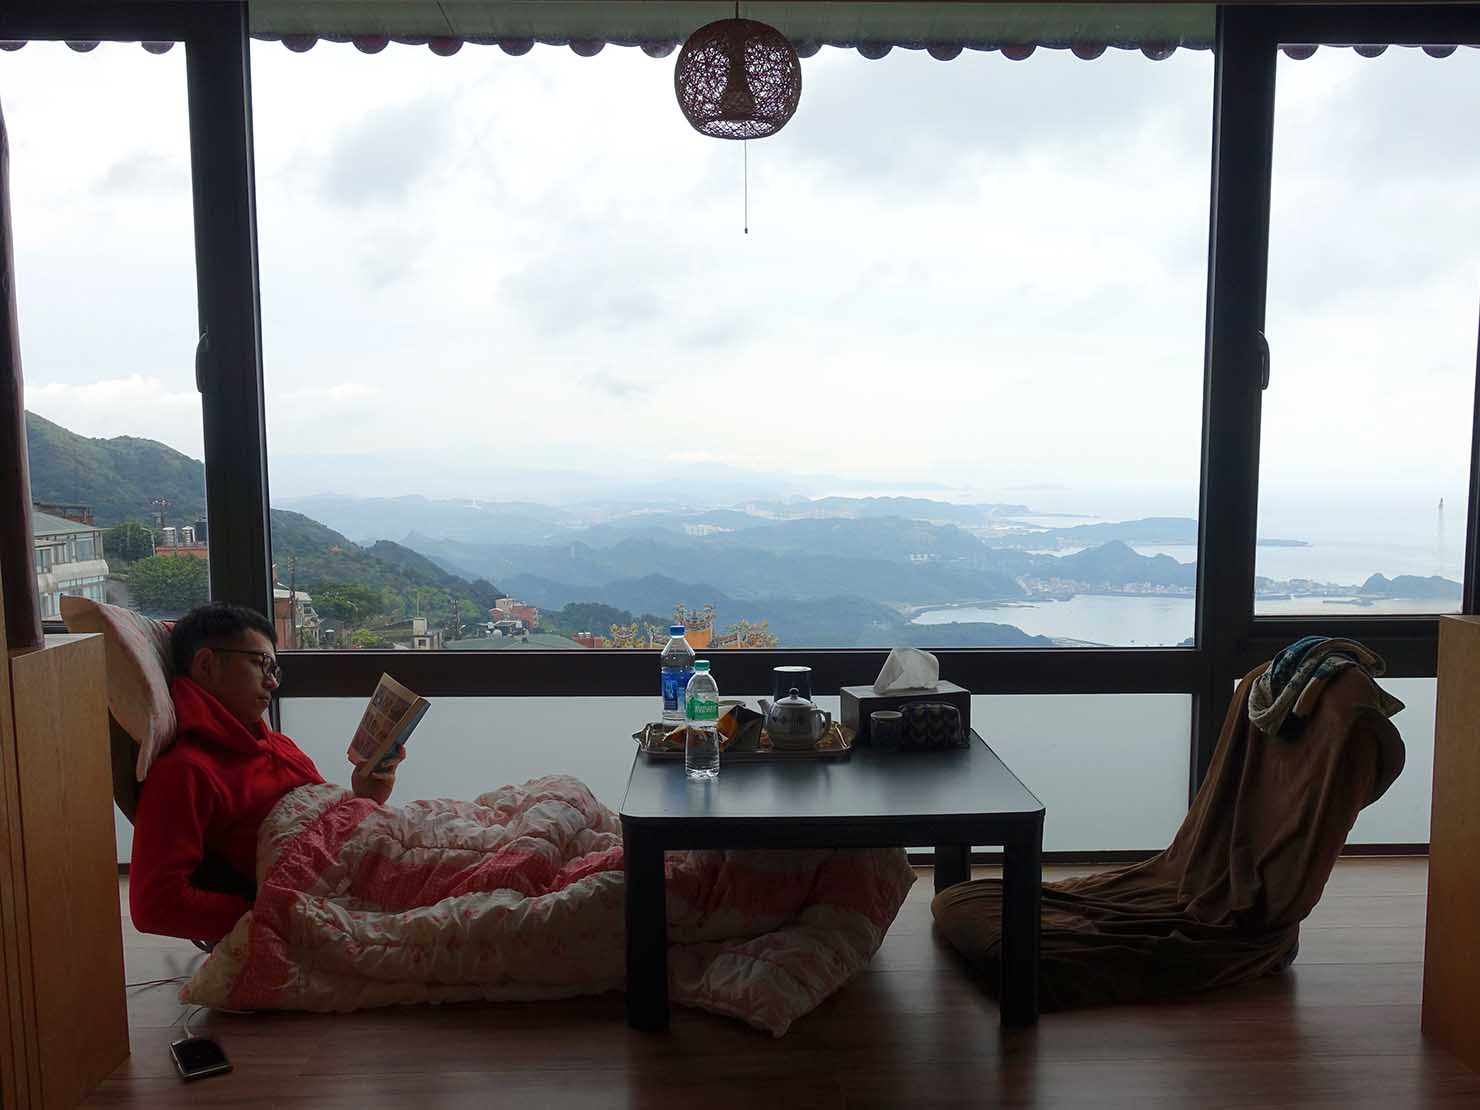 台北・九份のおすすめゲストハウス「九份小町」海景套房(オーシャンビュー・ダブルルーム)の窓辺で読書